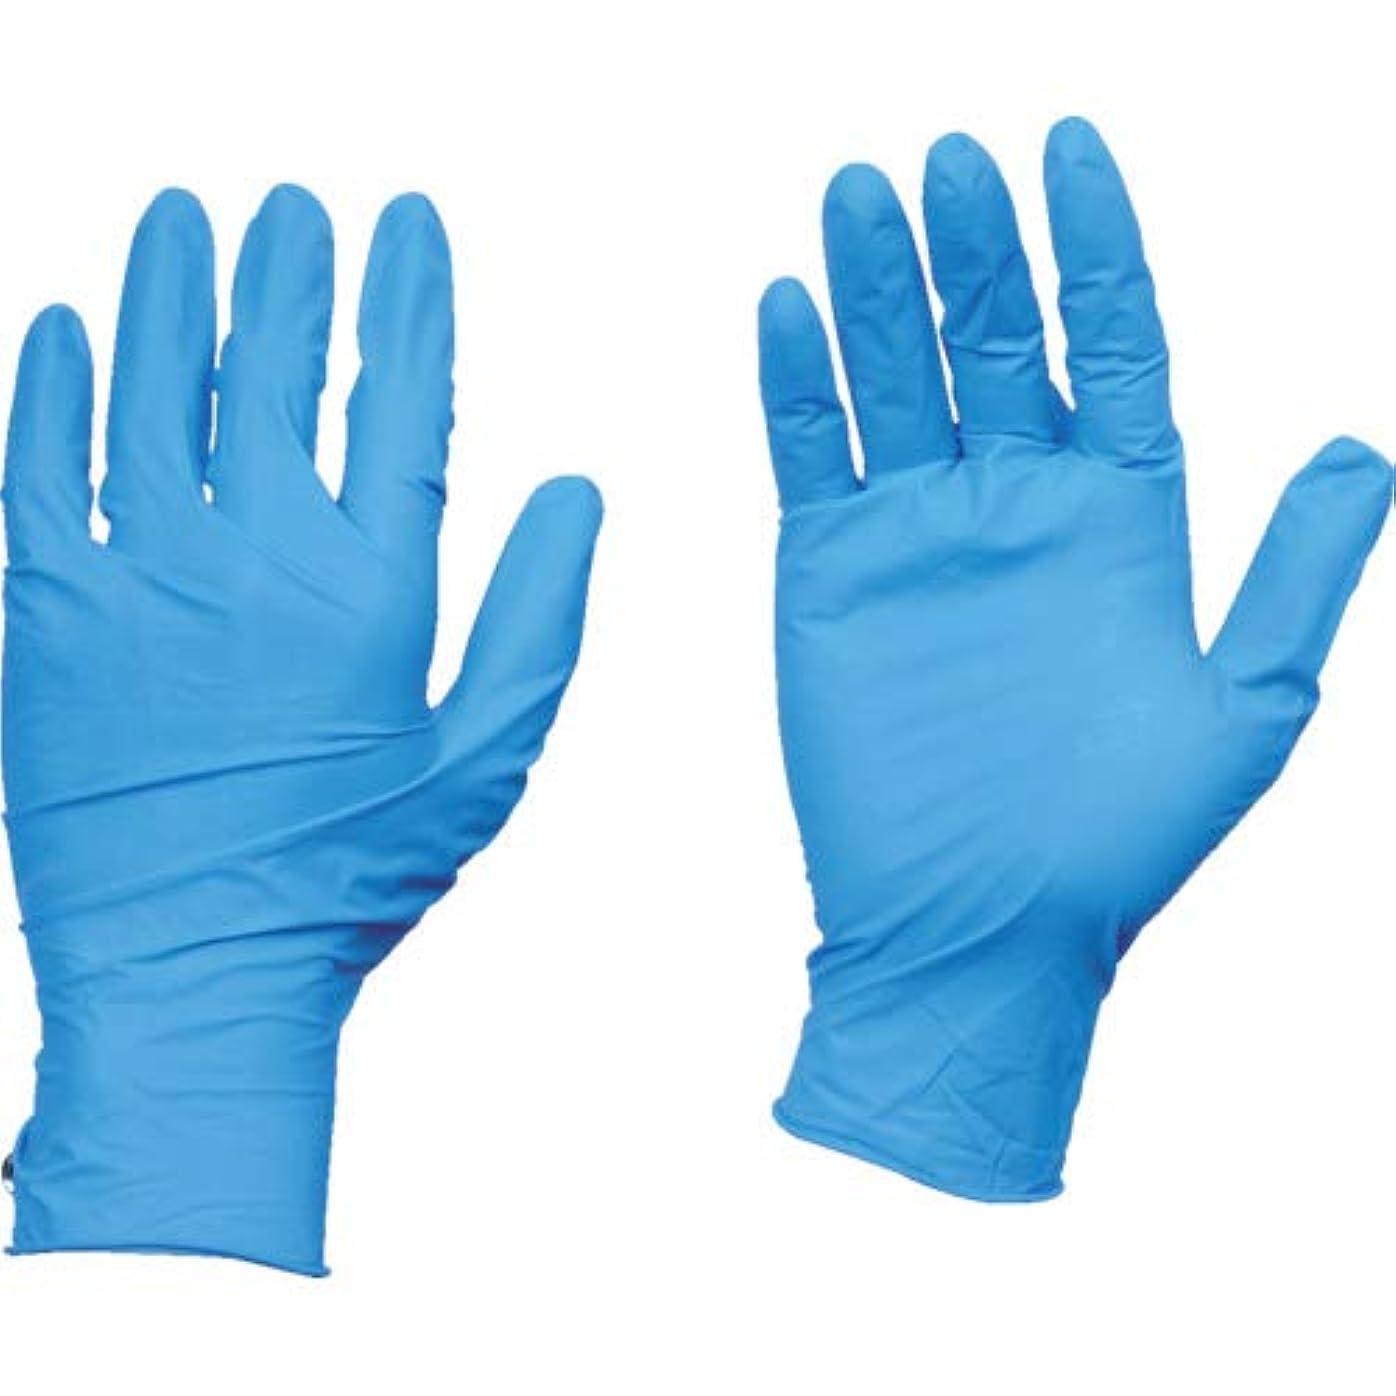 端末解釈的ほとんどないTRUSCO(トラスコ) 10箱入り 使い捨て天然ゴム手袋TGワーク 0.10 粉付青L TGPL10BL10C